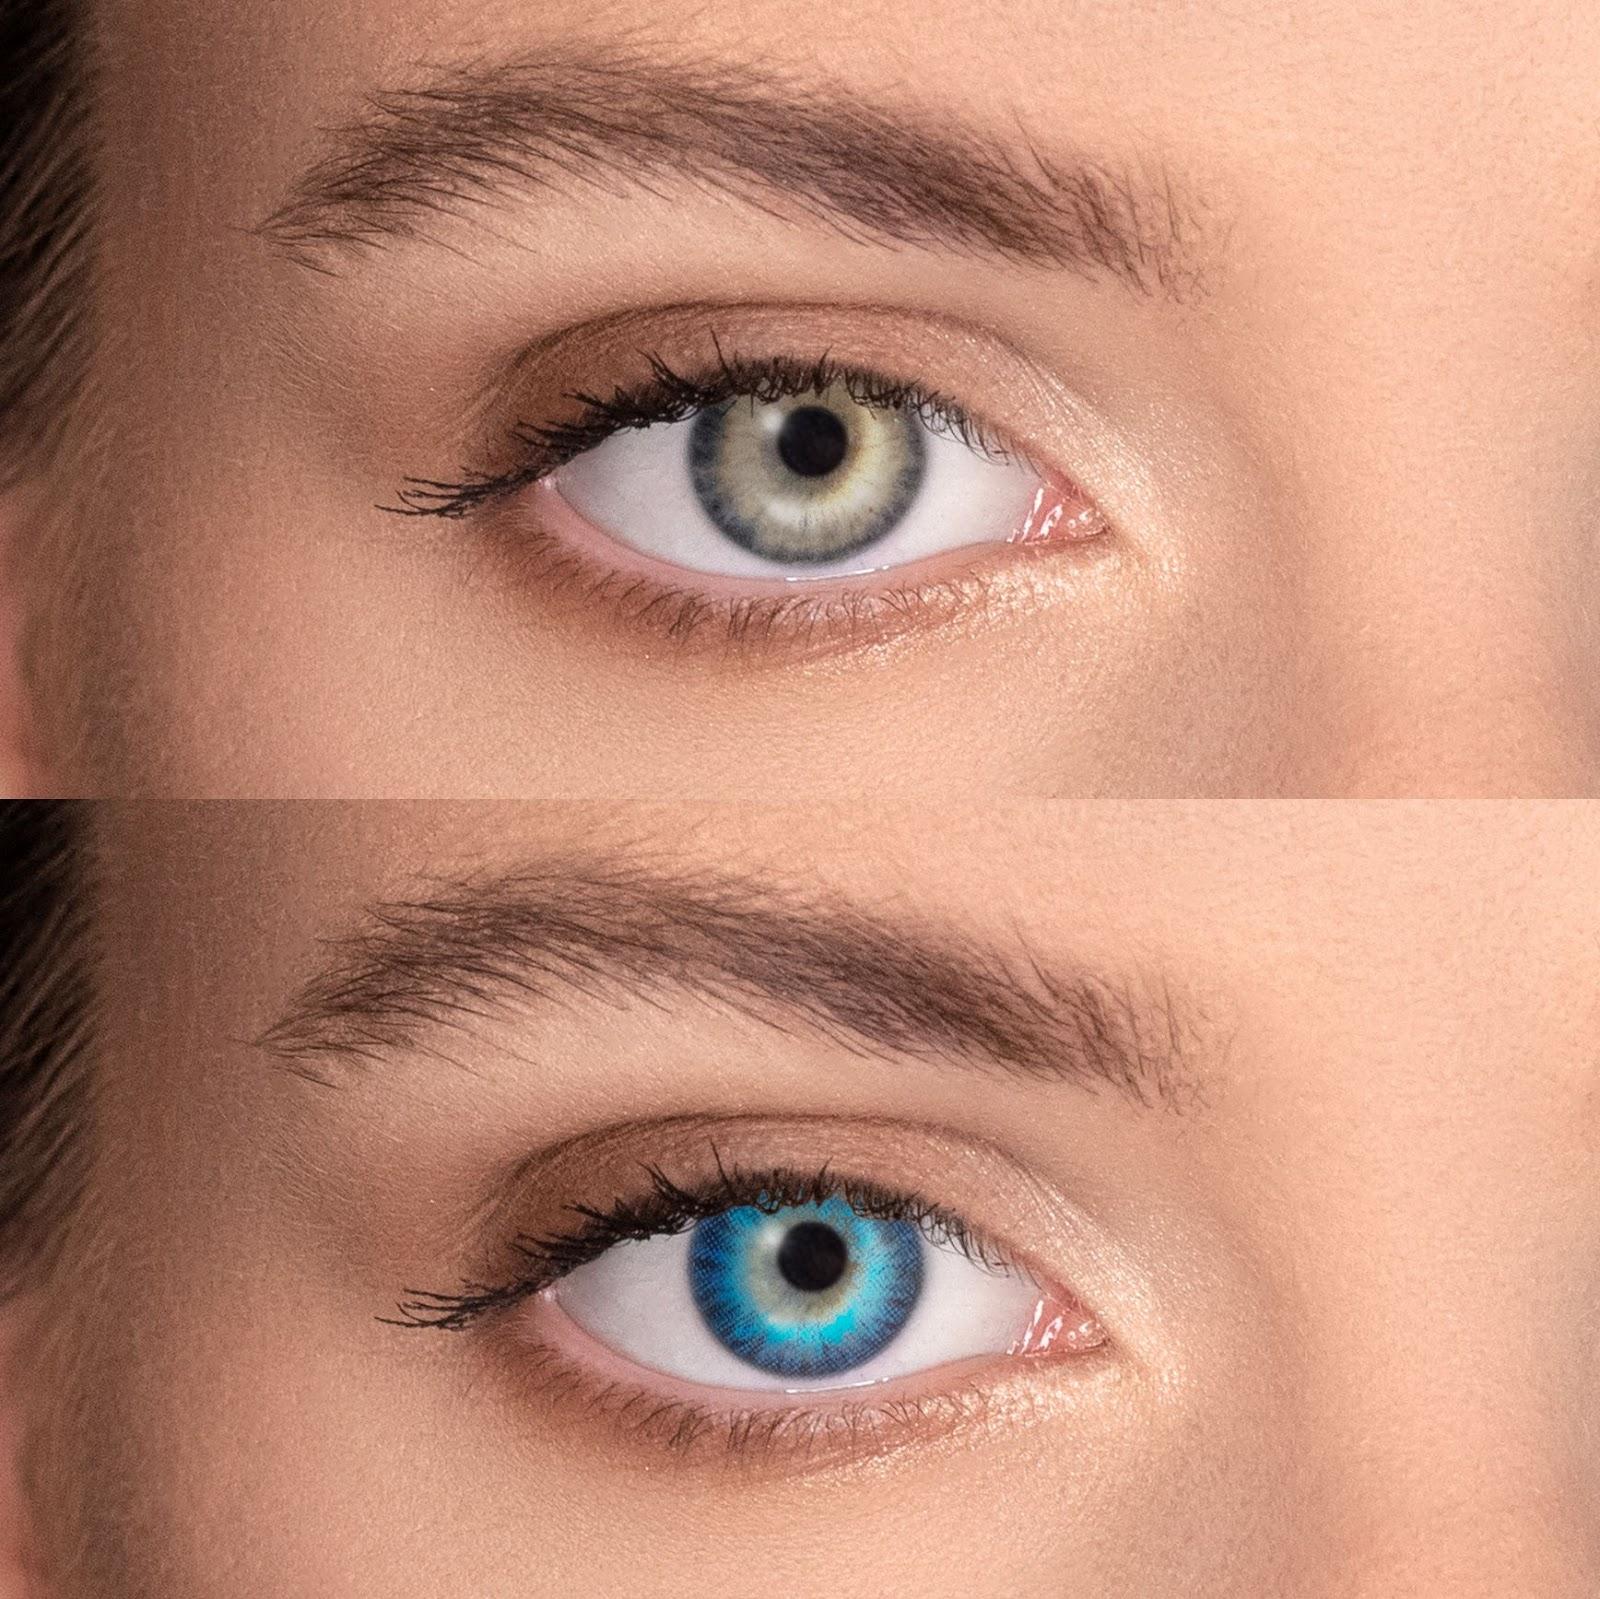 Pot dormi cu lentilele de contact pe ochi?